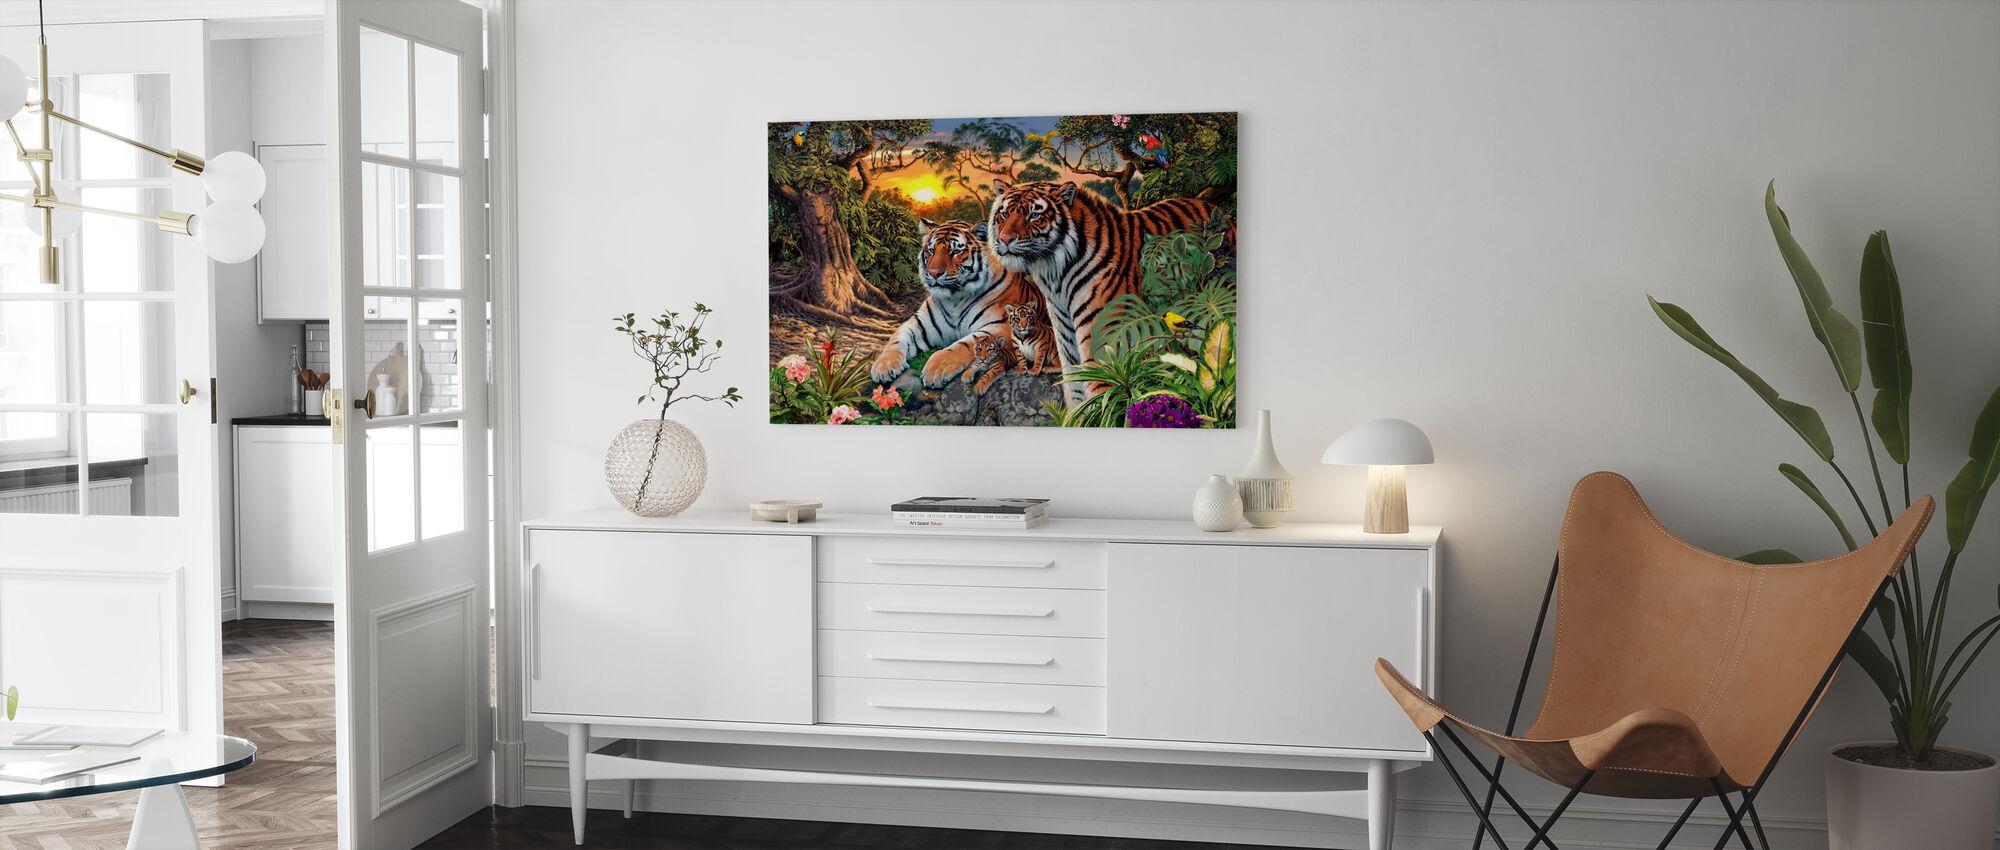 Skjulte billeder - Tigers - Lerretsbilde - Stue